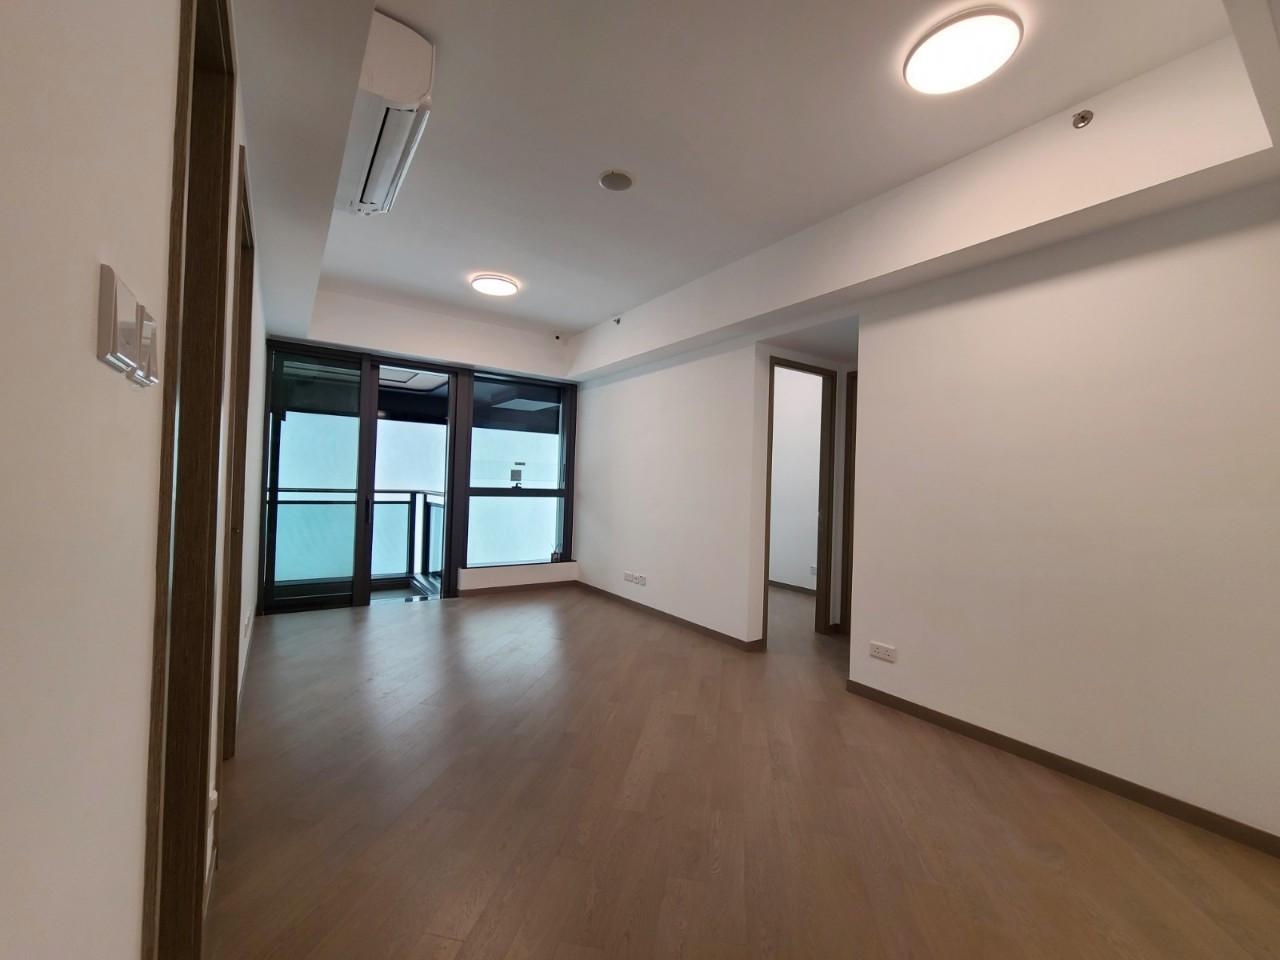 尚‧珒溋開放全新852方呎三房示範單位